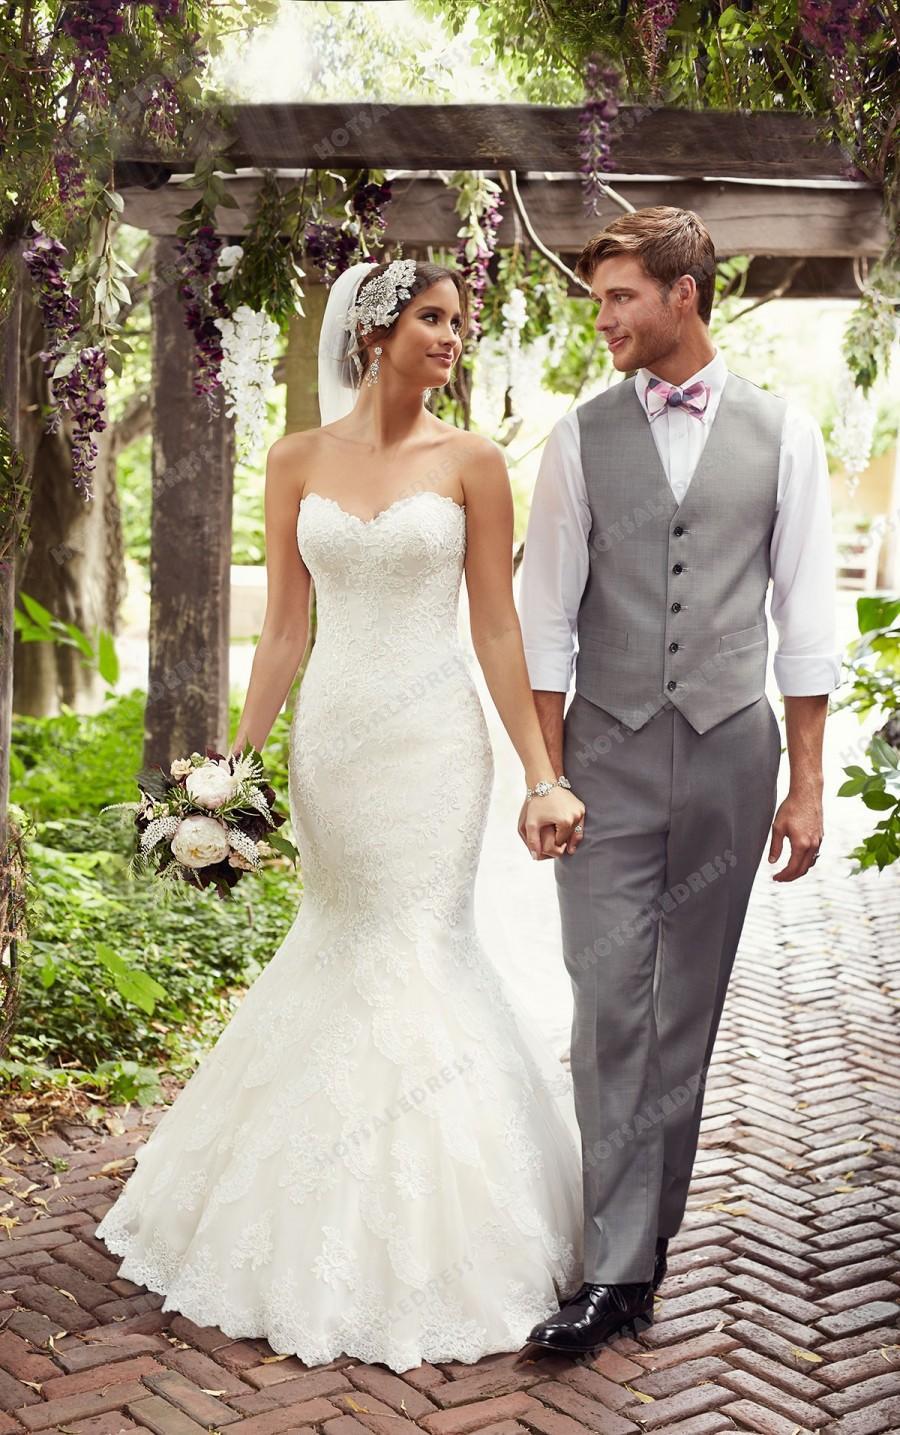 Свадьба - Essense of Australia Sweetheart Neckline Wedding Dresses Style D1846